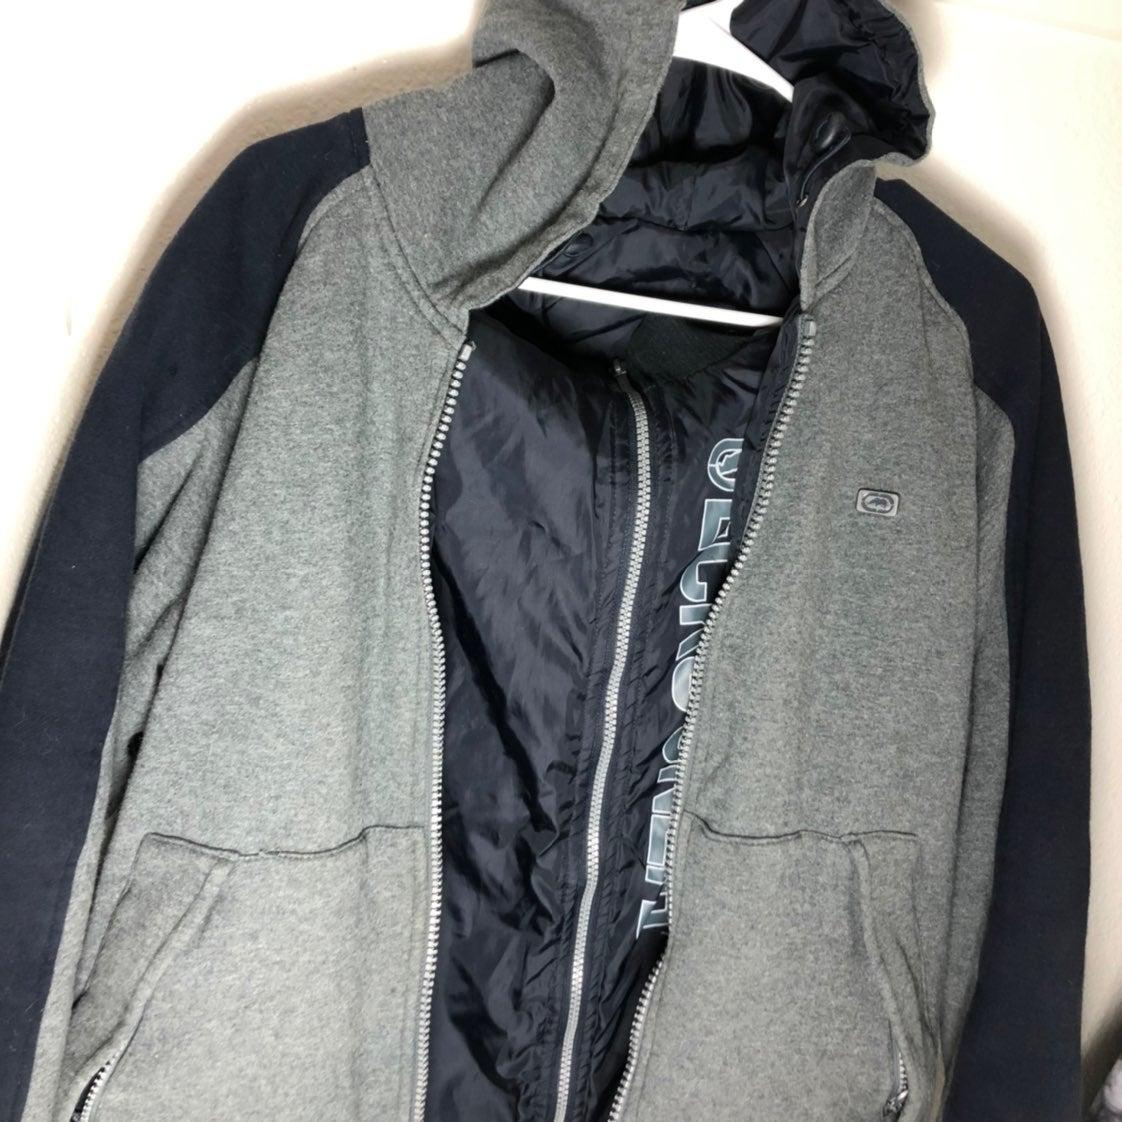 Ecko unltd reversible jacket windbreaker